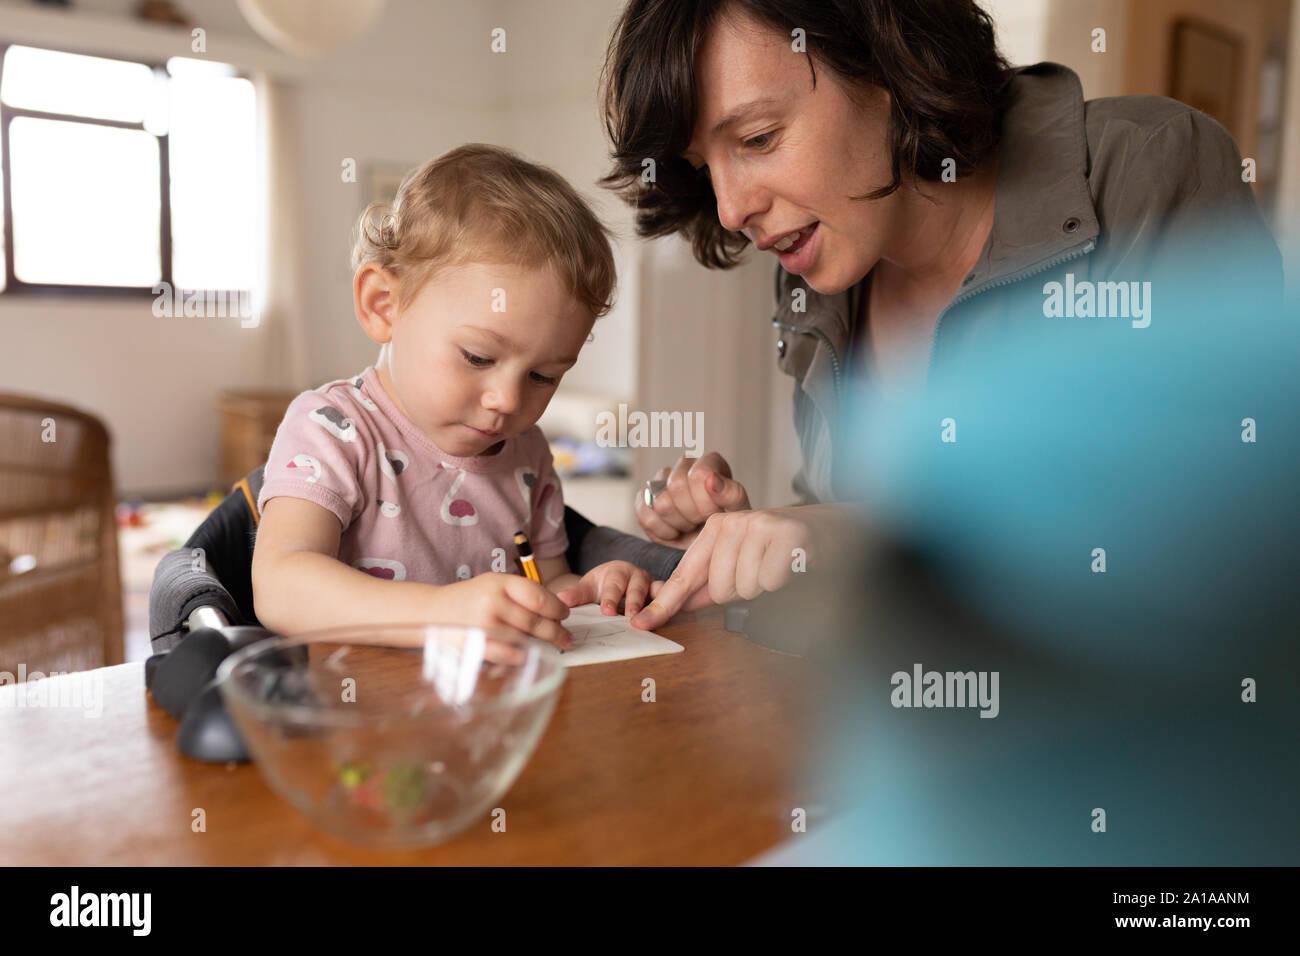 La madre y su bebé se divierten juntos Foto de stock